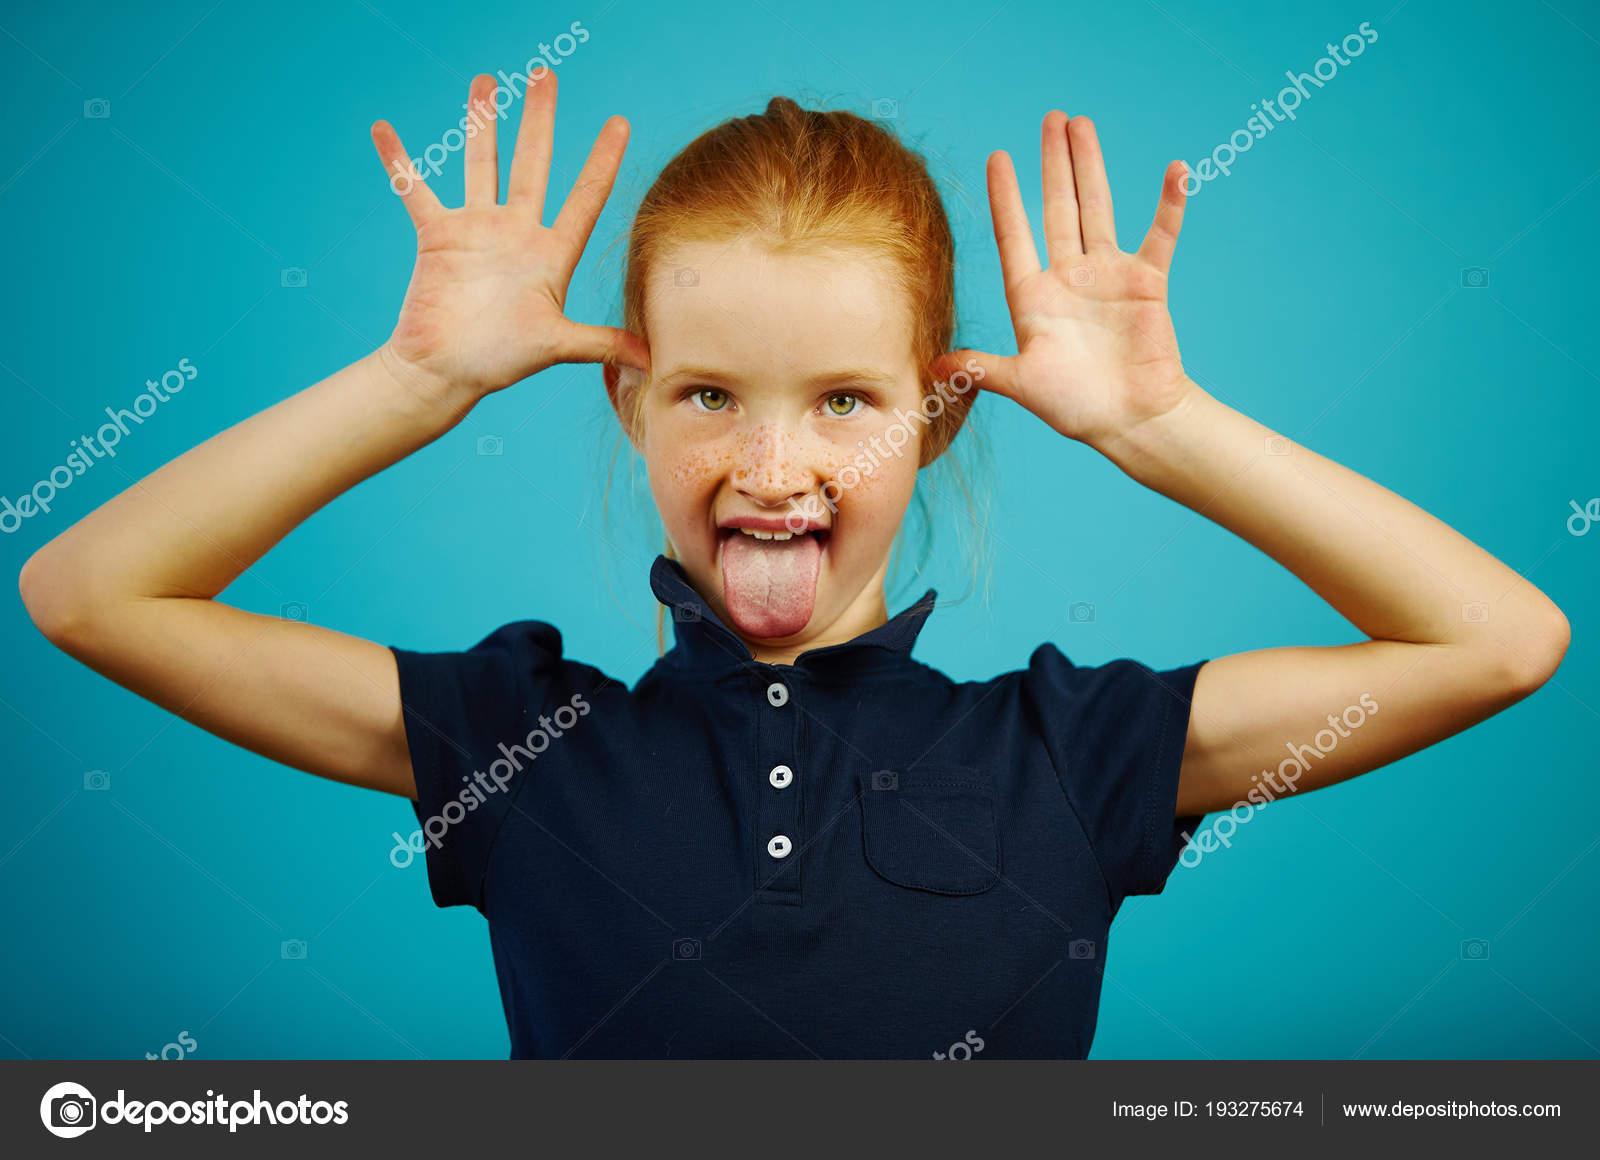 Zunge rausstrecken. Belohnungssystem und Verhalten: Lernen